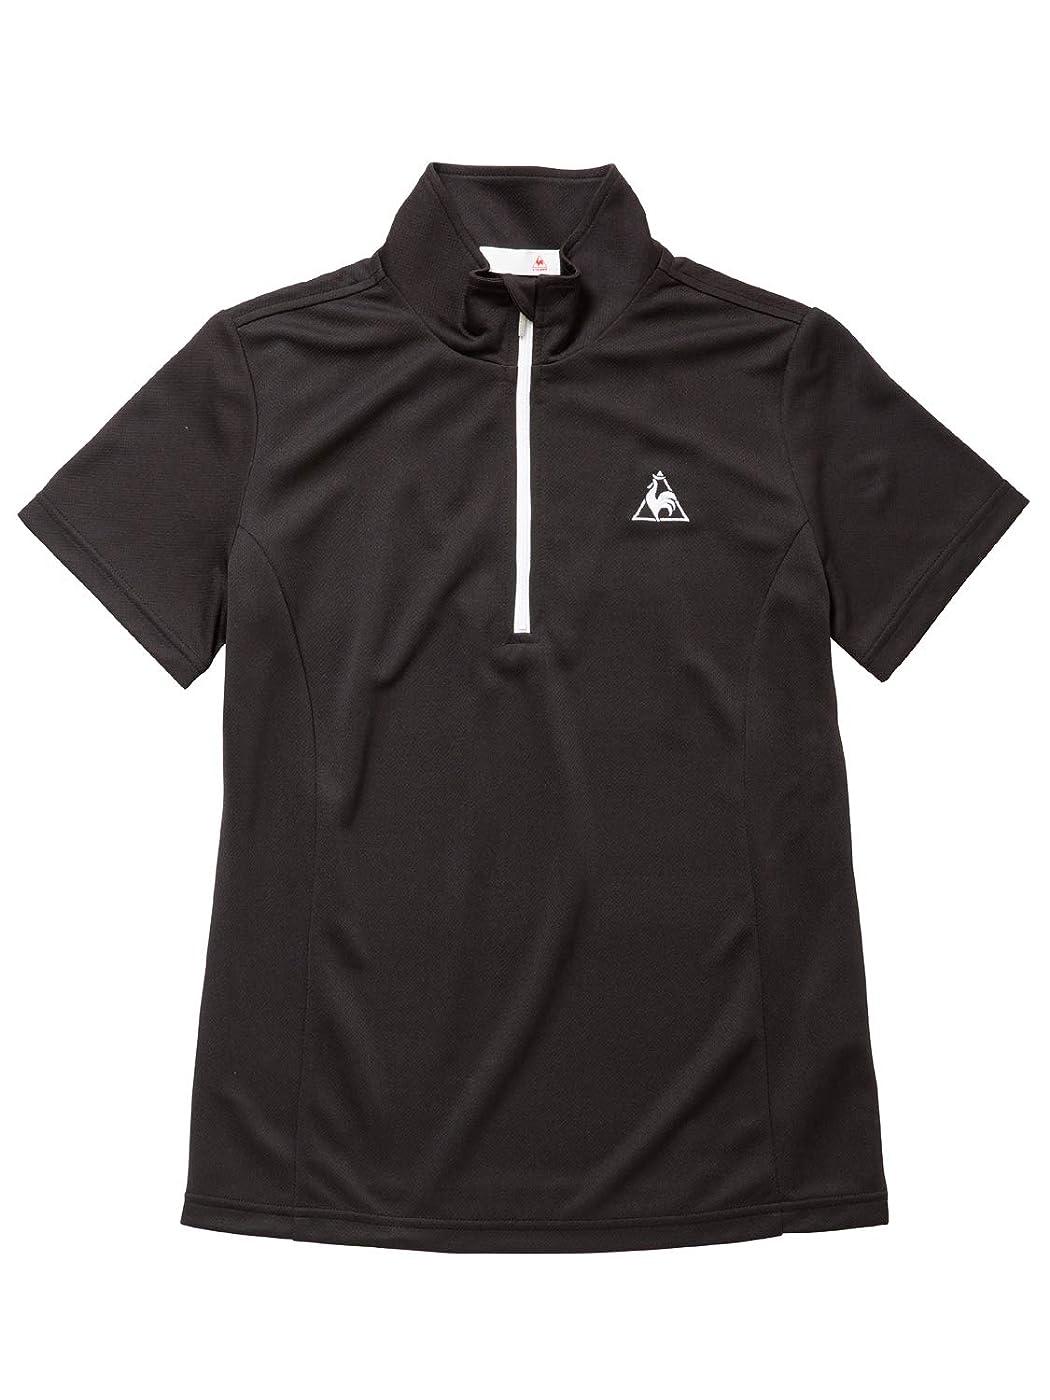 地獄彼らのもの想定するBullang レディース あかちゃん カラー 半袖 Tシャツ かわいい カジュアル シンプル 夏服 韓国風